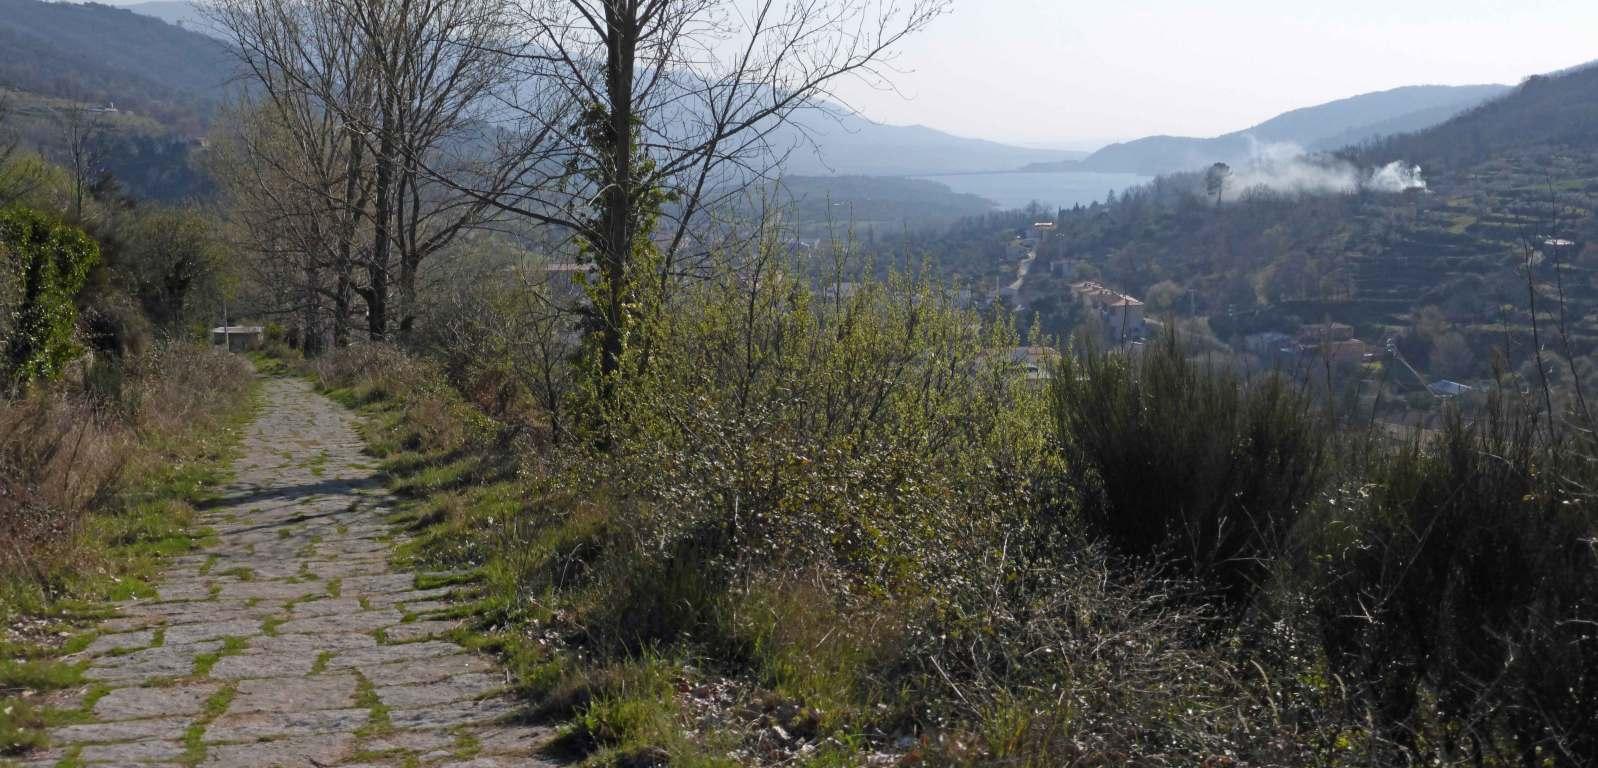 plata - Vía de la Plata-Camino Sanabrés (Sevilla-Santiago). - Página 2 2d7izyh